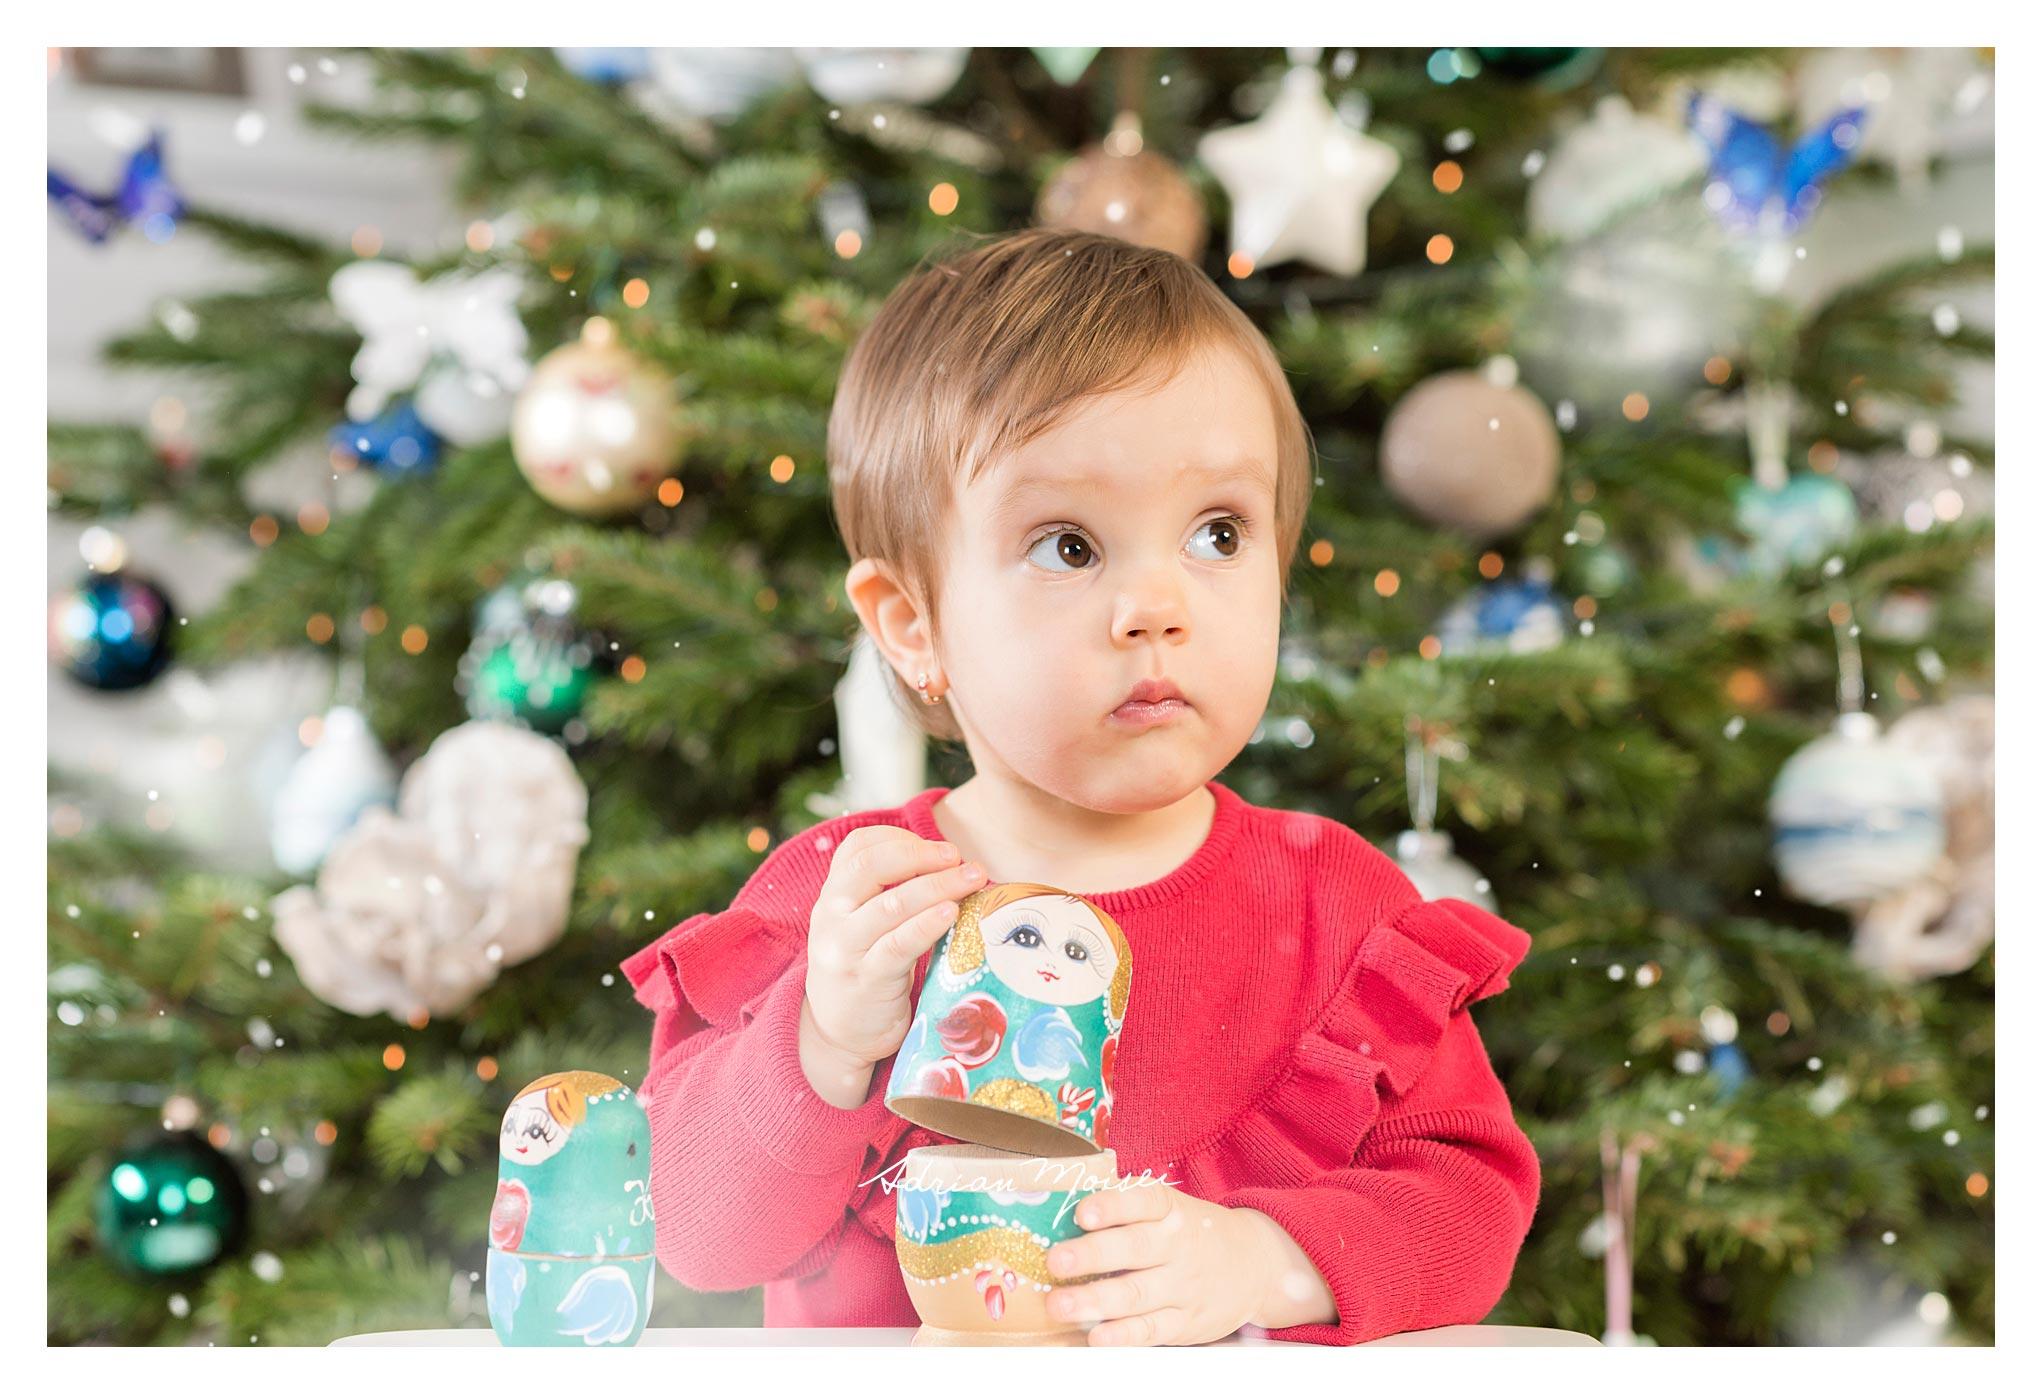 Fotografie de familie - Cămin calduros și-un brăduț frumos - fetiță la doi ani împreună cu părintii ei, Adrian Moisei